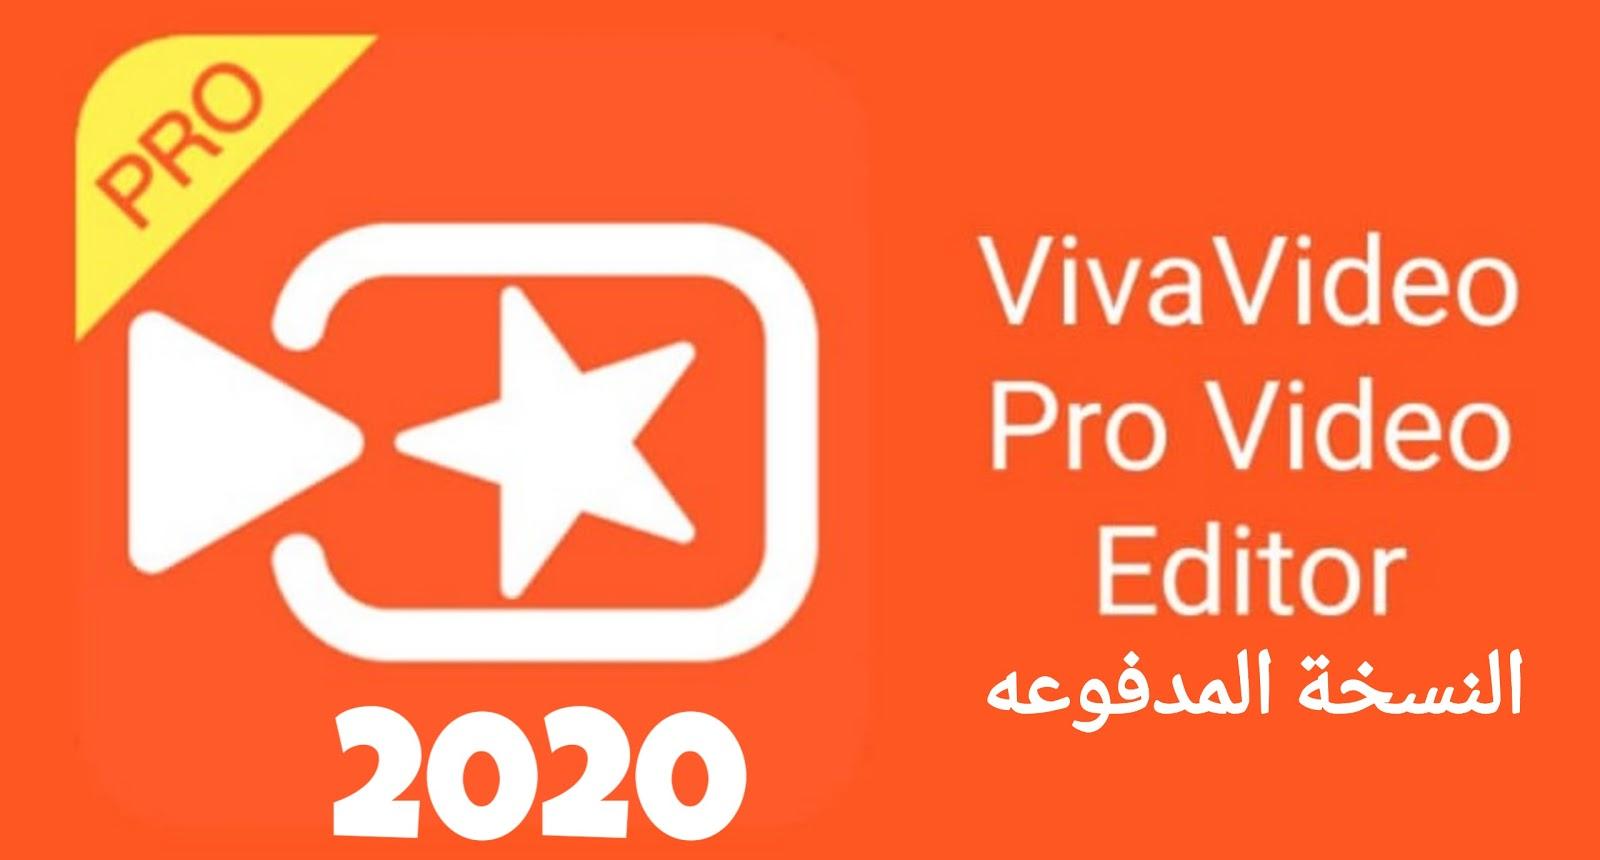 صورة VivaVideo.. تطبيق لتعديل الفيديوهات يتجسس على مستخدميه